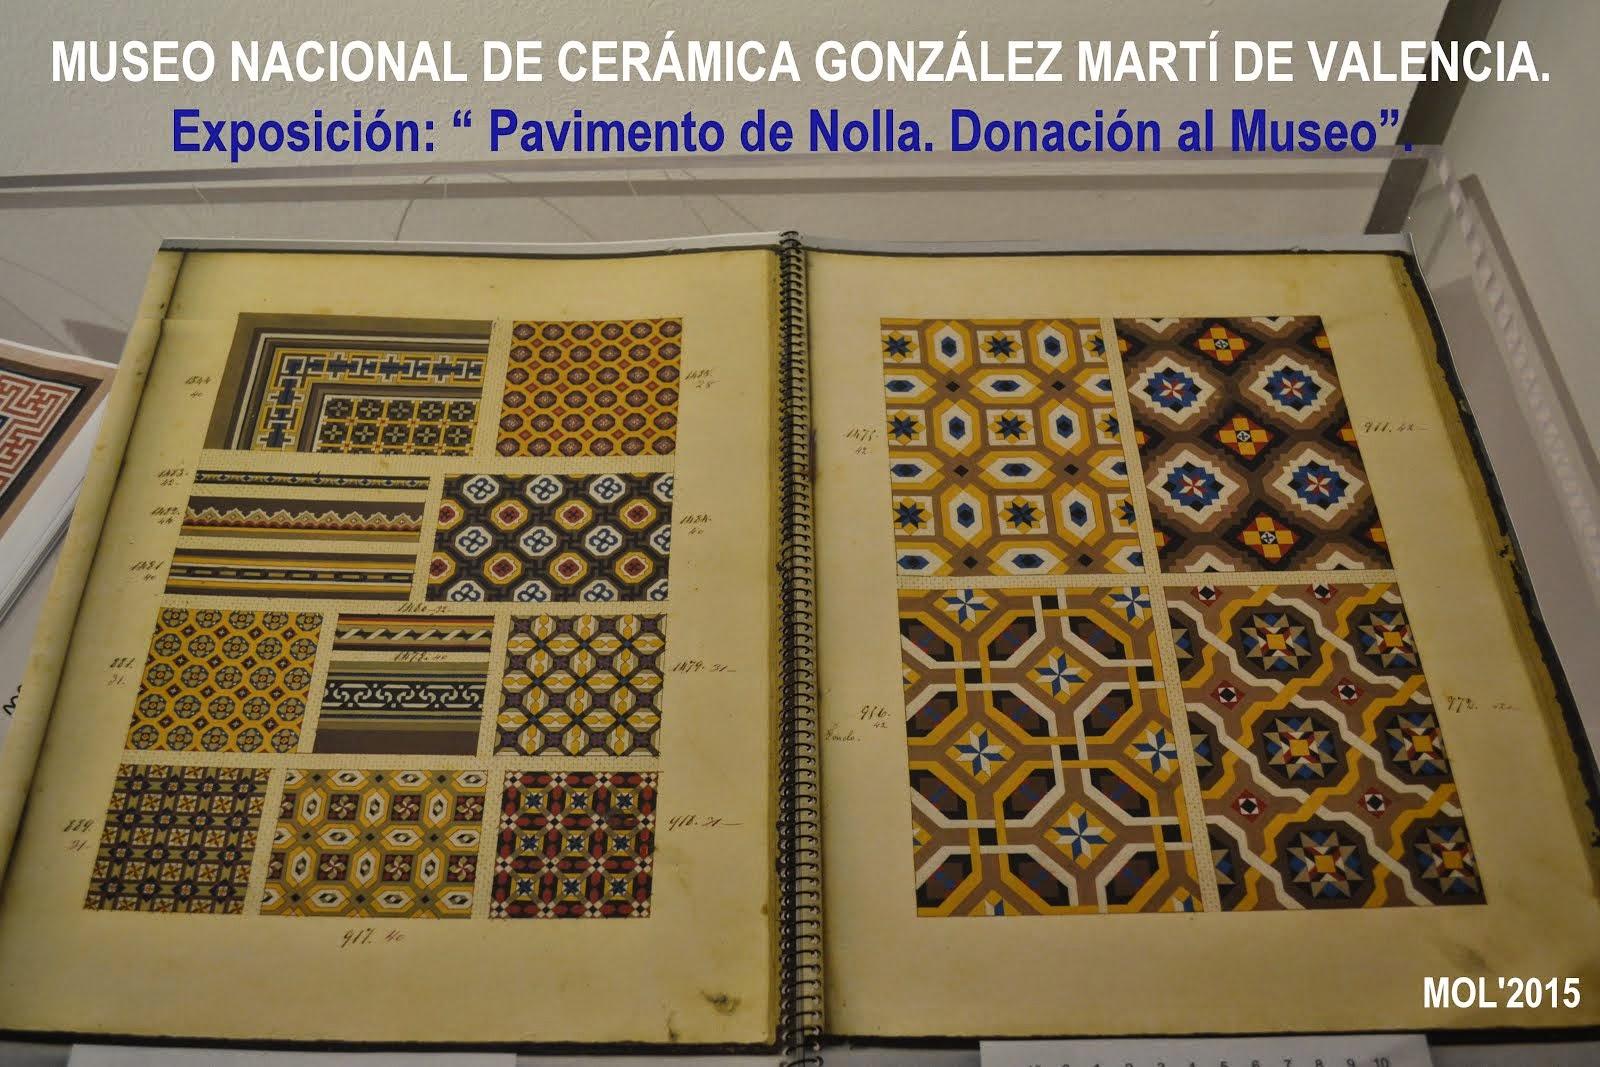 EXPOSICIÓN EN EL MUSEO DE CERÁMICA GONZÁLEZ MARTÍ DE VALENCIA, DE PAVIMENTOS NOLLA.